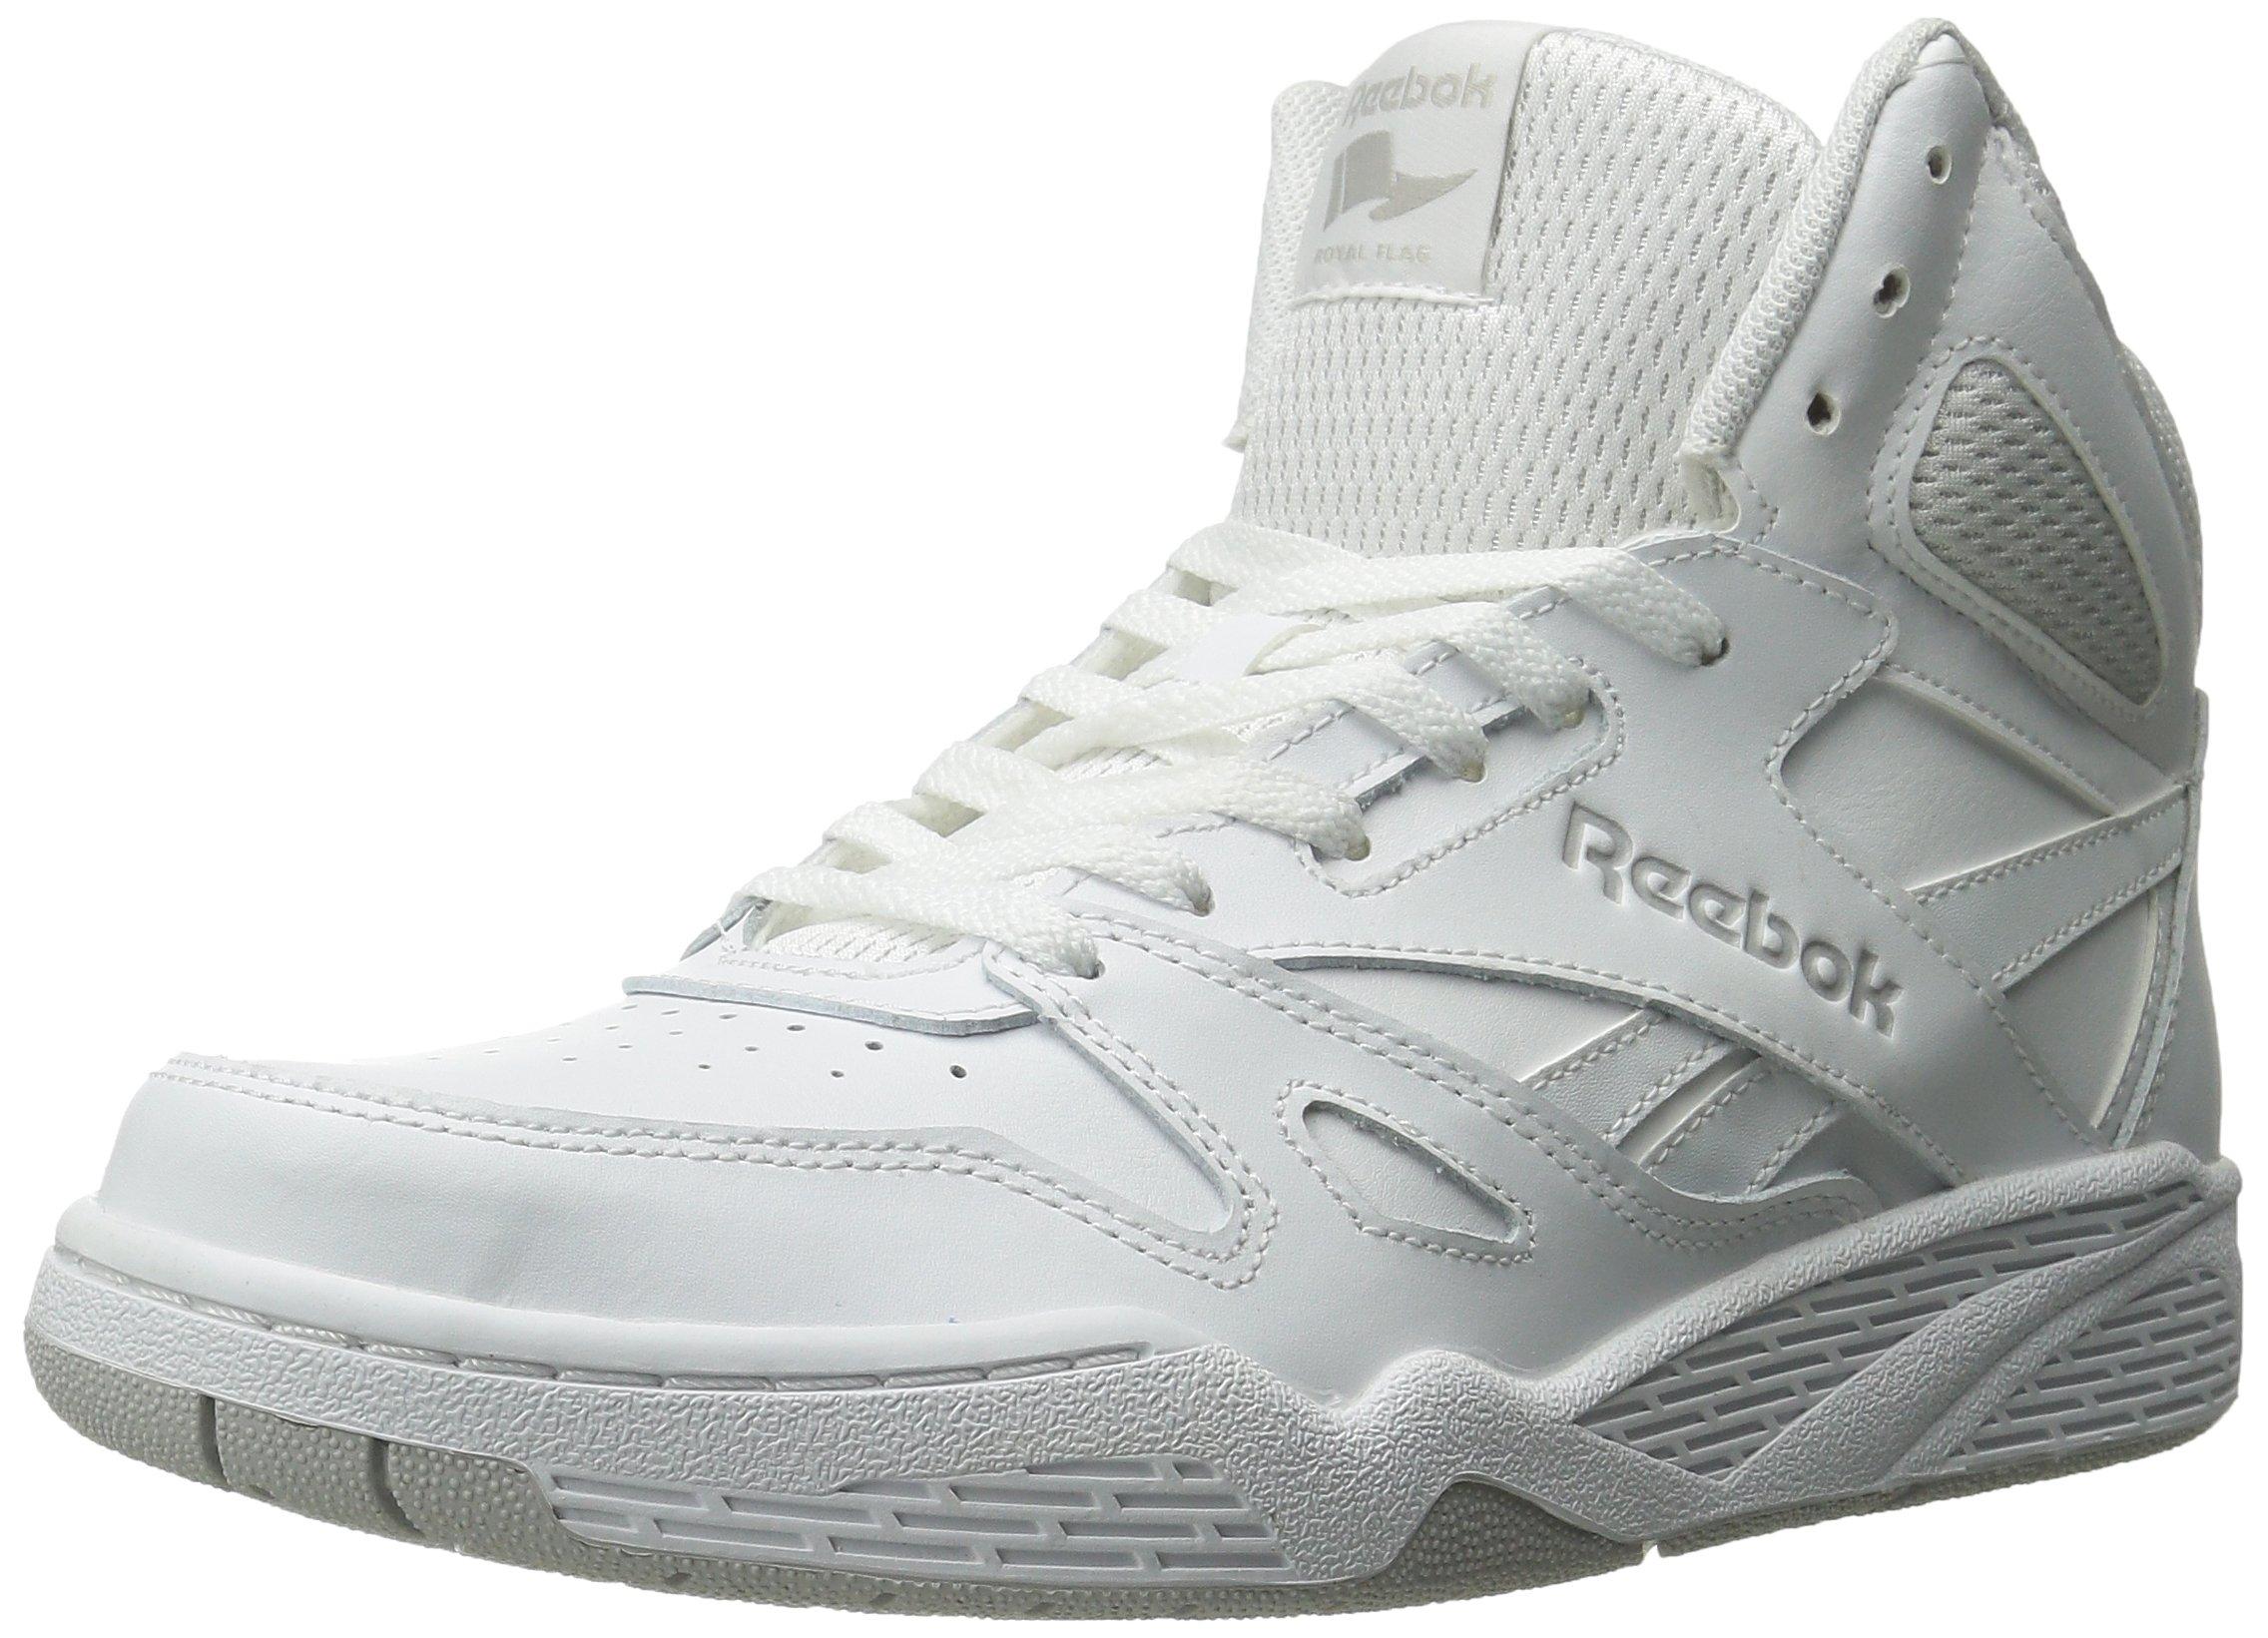 Reebok Men's Royal Bb4500 Hi Fashion Sneaker, White/Steel, 13 M US